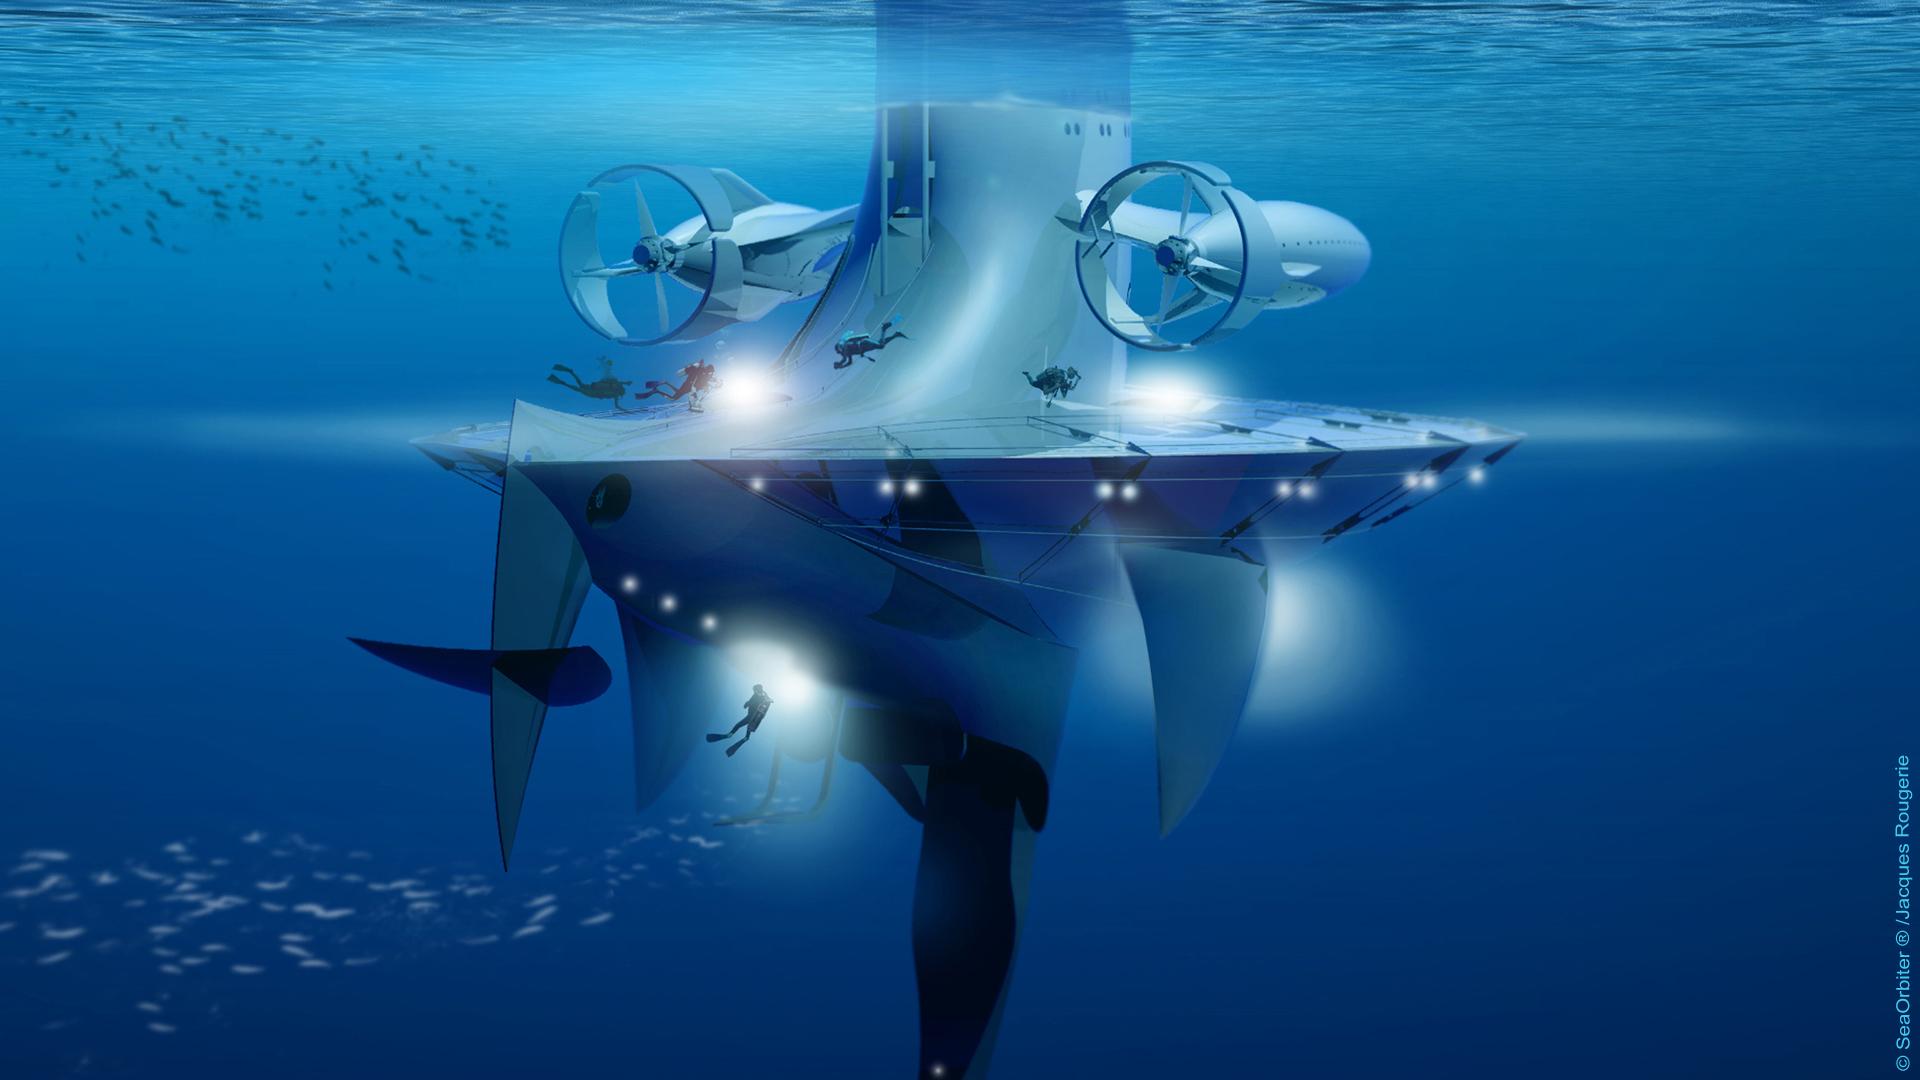 SeaOrbiter-2